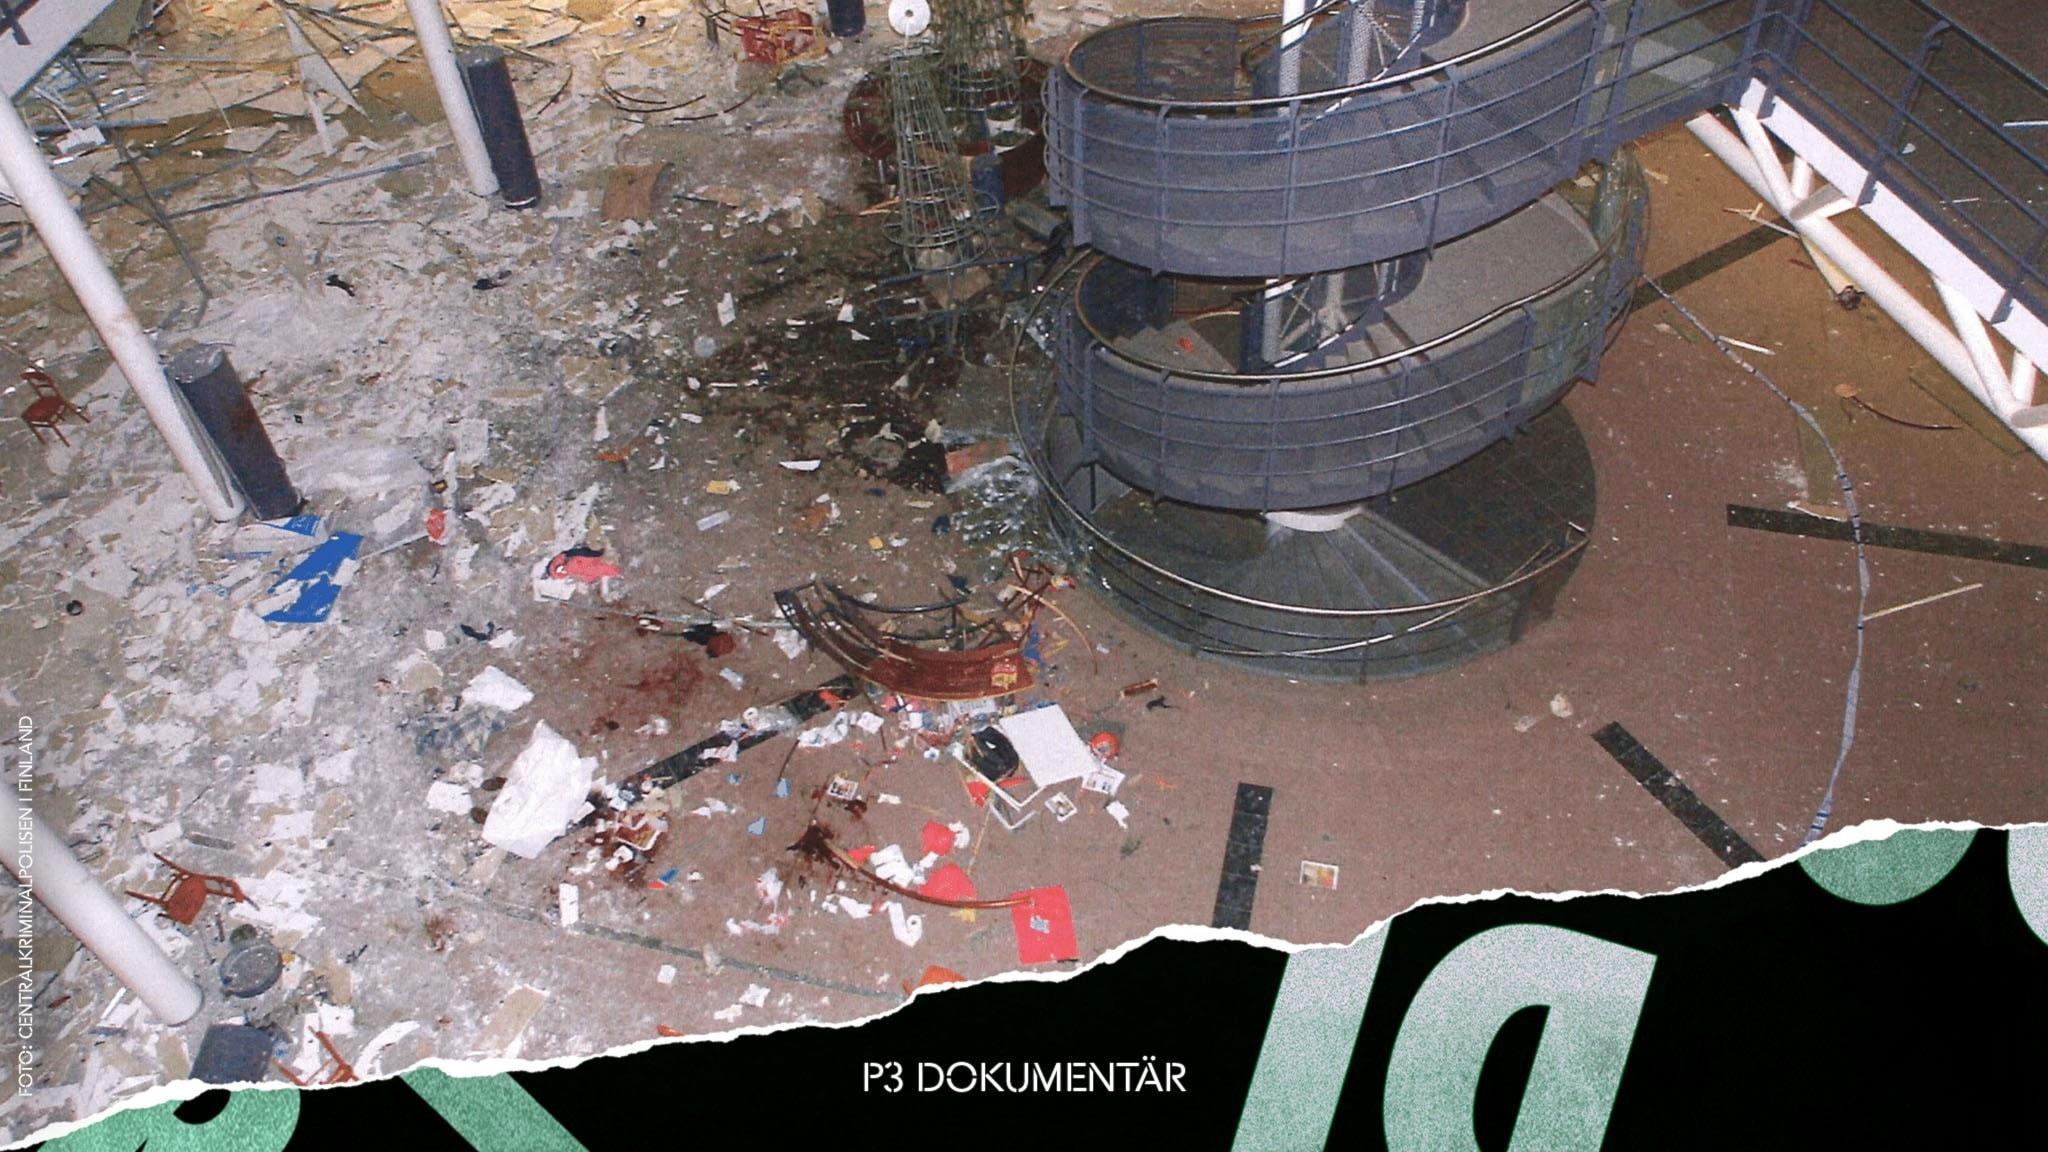 Kaoset efter explosionen i Myyrmanni. Blod och trasiga saker på golvet.